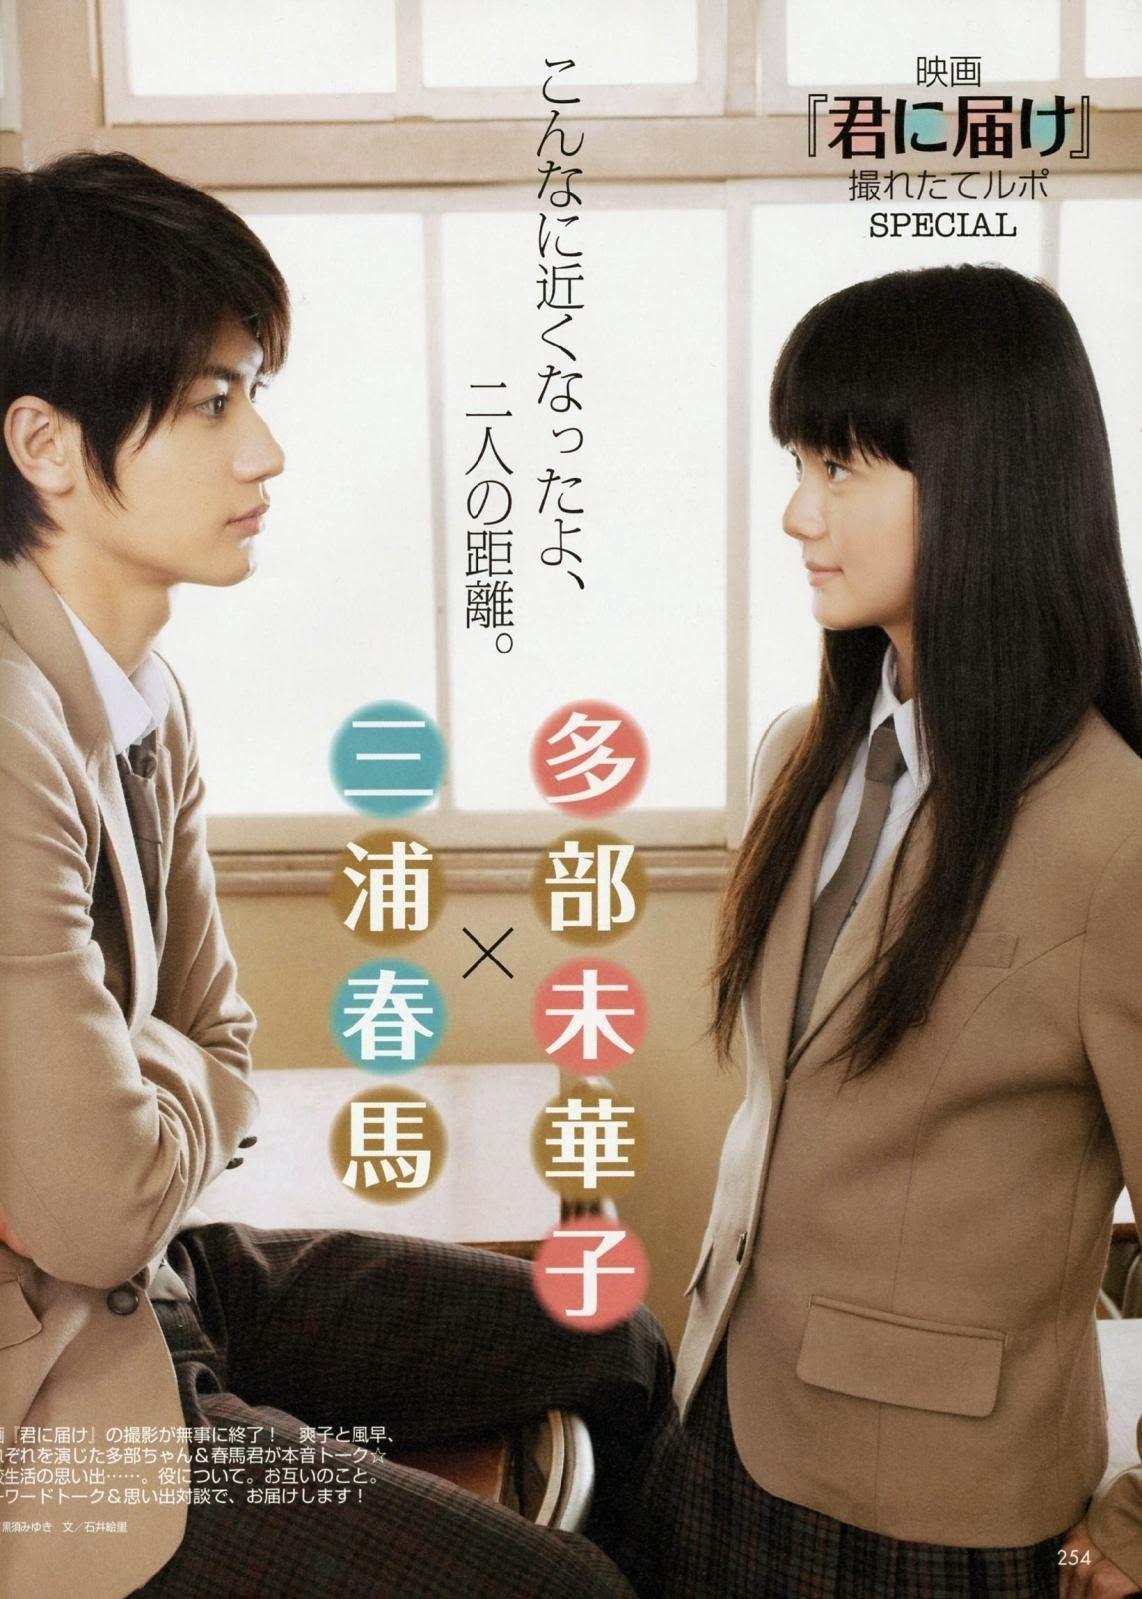 Kimi Ni Todoke 25 Film Romantis Jepang Japanese movie